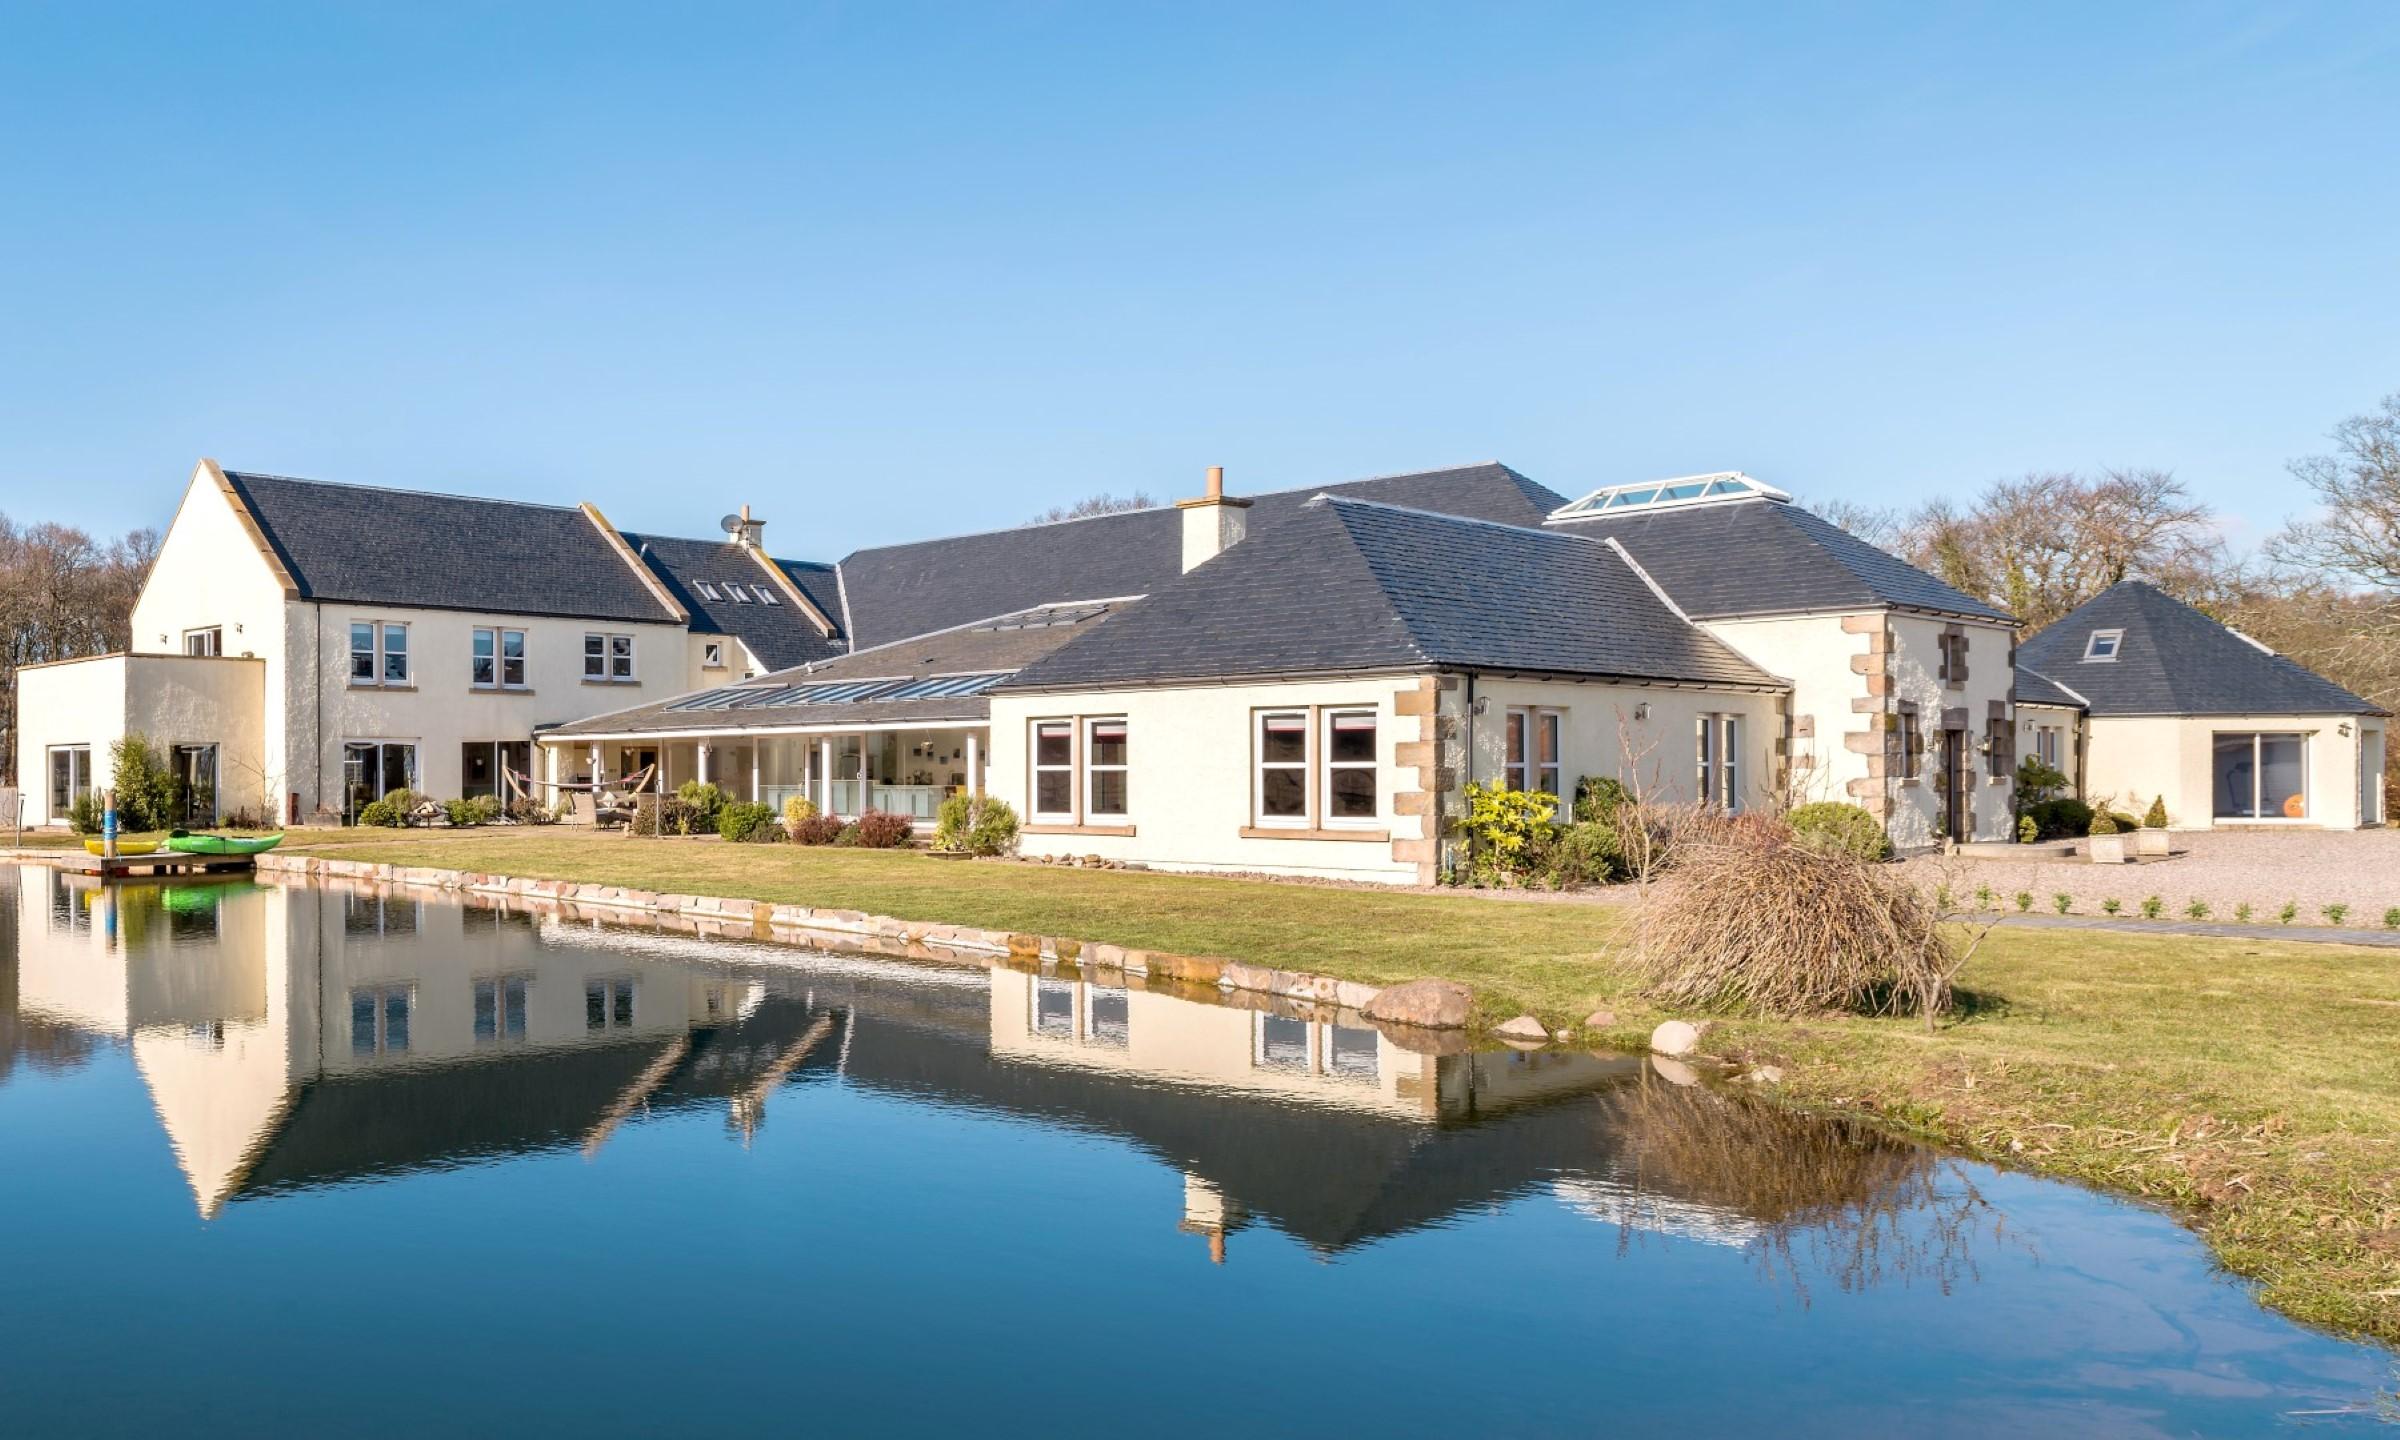 一戸建て のために 売買 アット St Andrews, Scotland Other Scotland, Scotland, DD68RN イギリス